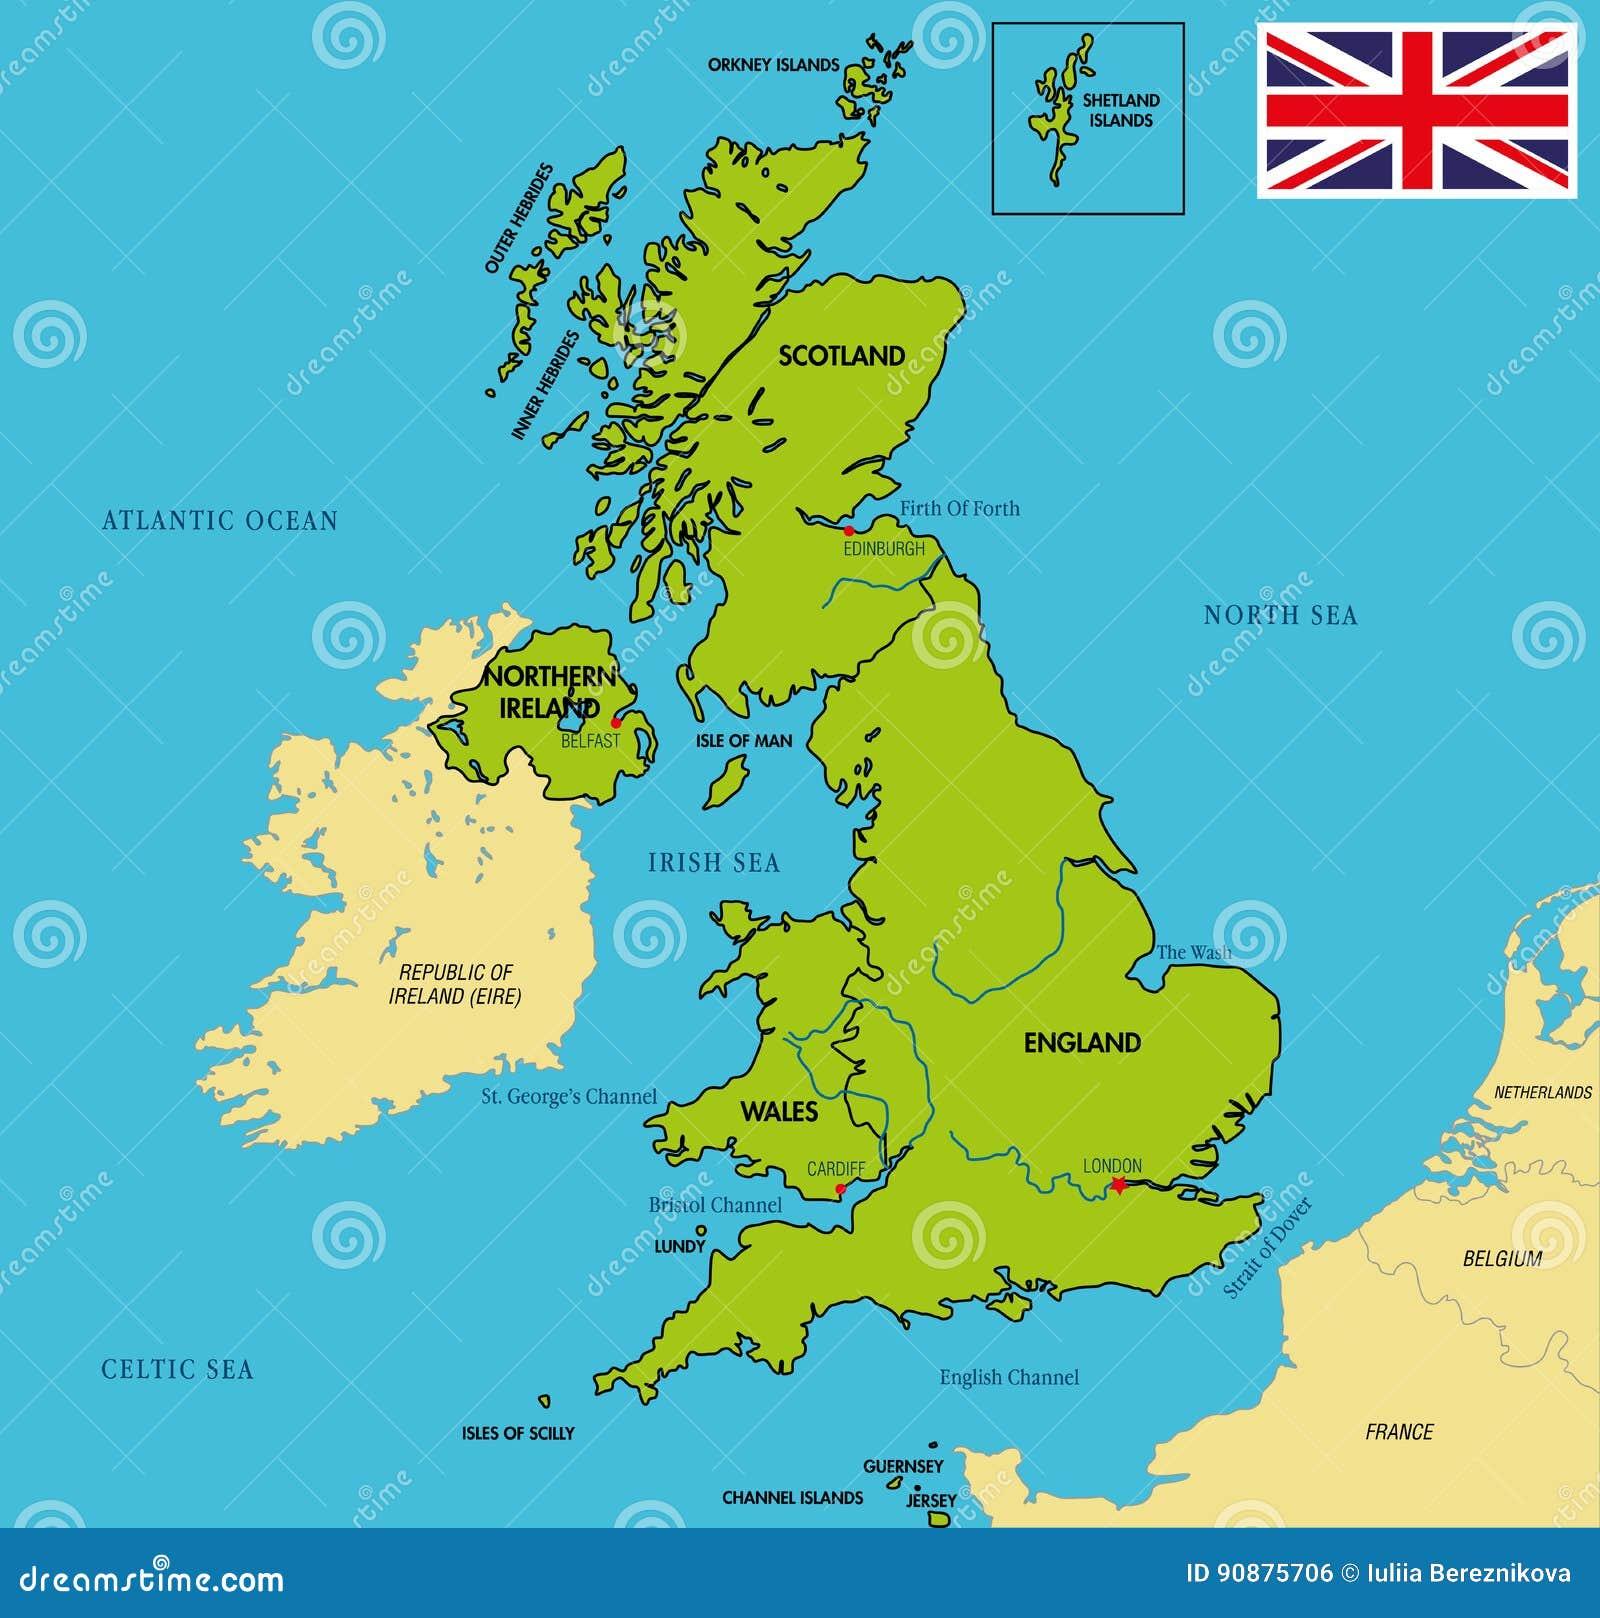 reino unido mapa Mapa Político De Reino Unido Con Regiones Y Sus Capitales  reino unido mapa